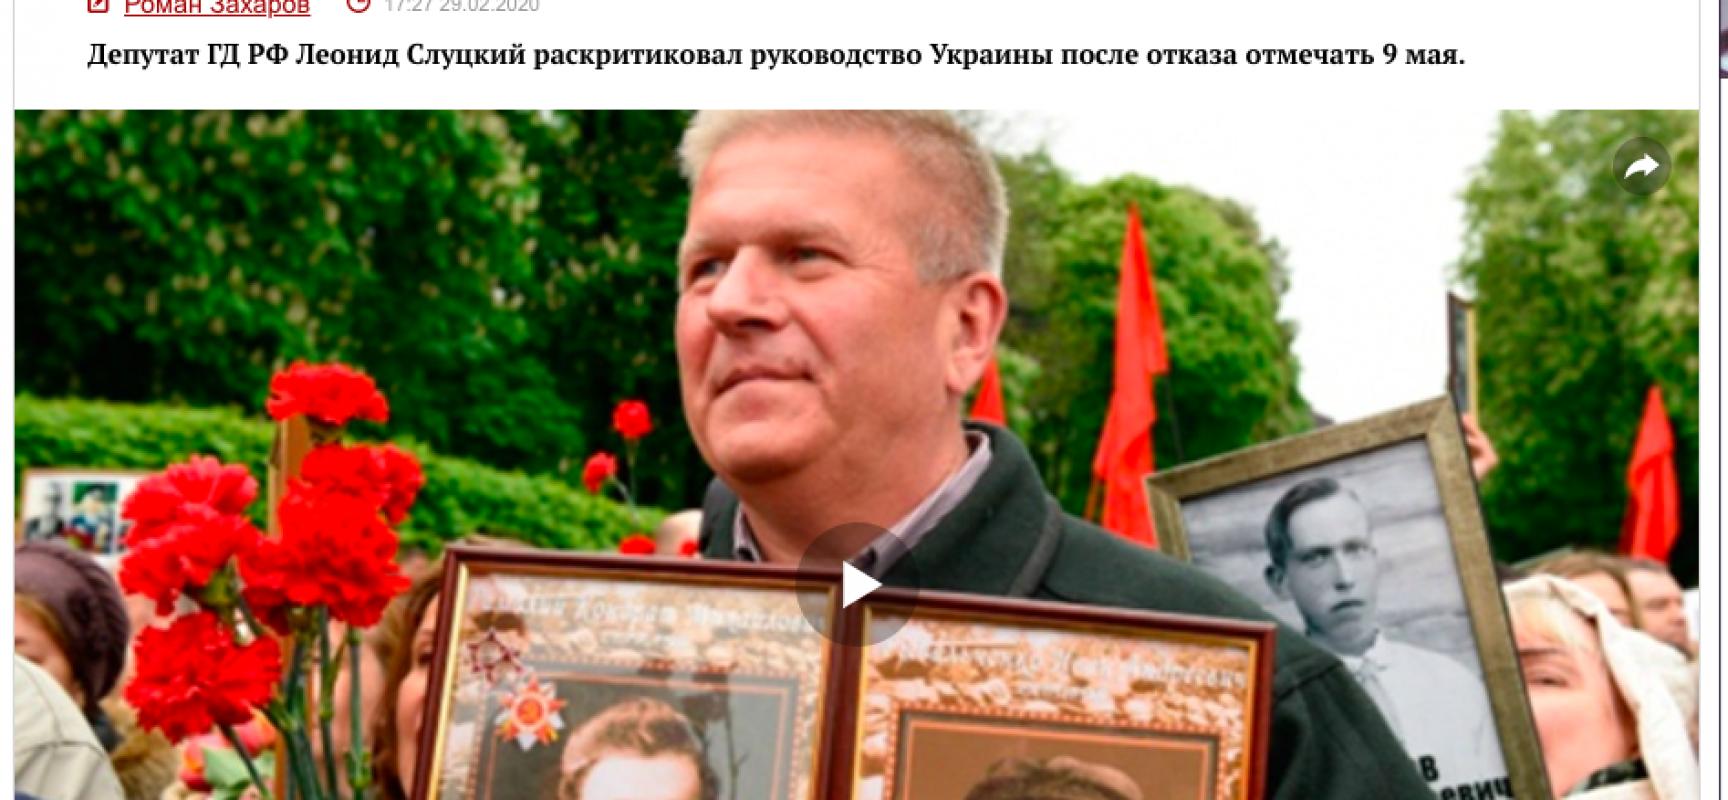 Фейк: Украина не будет отмечать День Победы